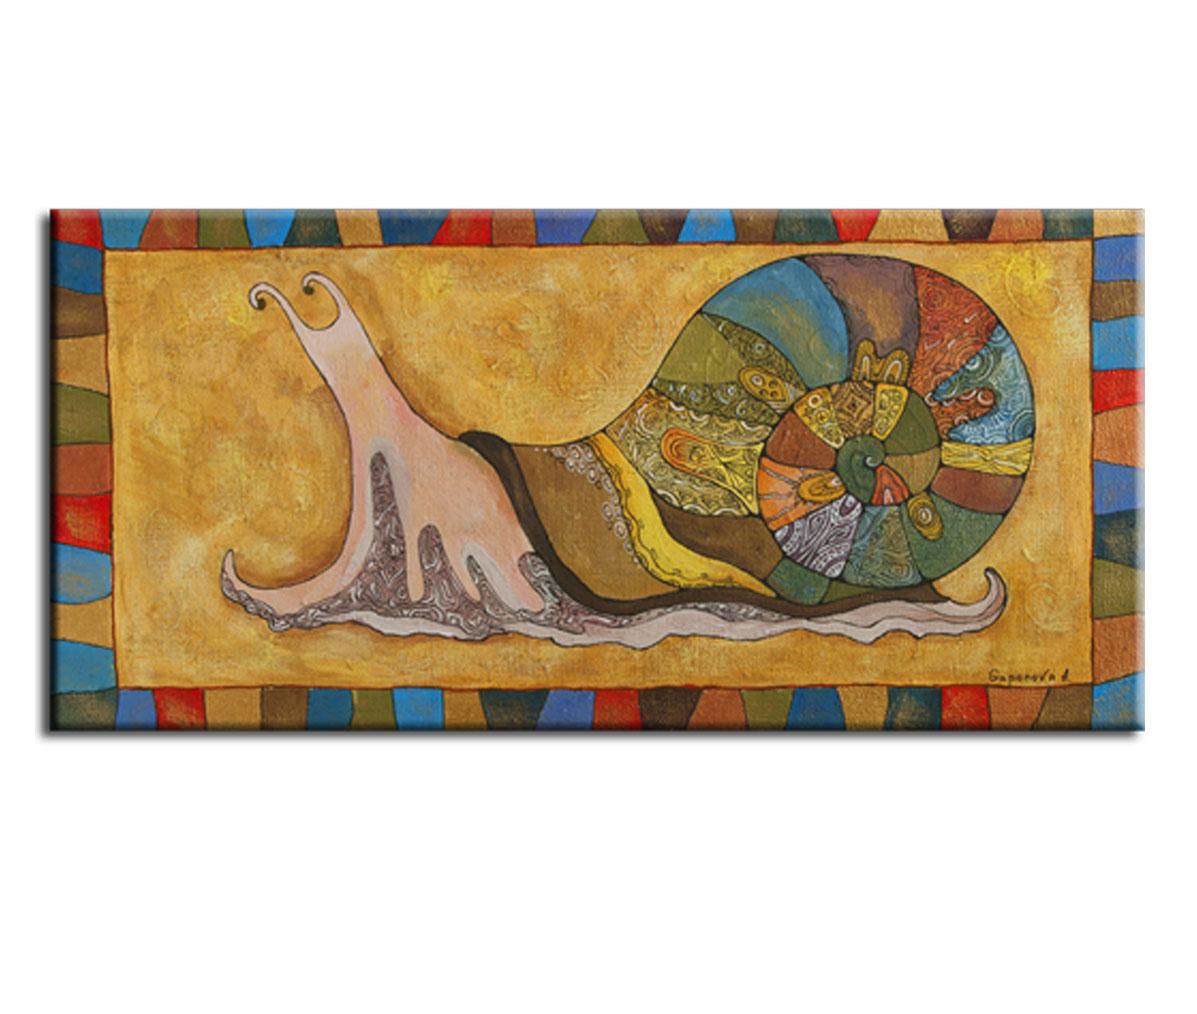 Картина Улитка ПутешественницаКартины<br>Авторская копия картины художницы Анны Гапоновой с декоративной фактурной обработкой&amp;lt;div&amp;gt;&amp;lt;br&amp;gt;&amp;lt;/div&amp;gt;&amp;lt;div&amp;gt;Материал: натуральный холст, деревянный подрамник, лак,итальянский фактурный гель&amp;lt;br&amp;gt;&amp;lt;/div&amp;gt;<br><br>Material: Холст<br>Width см: 105<br>Depth см: 3<br>Height см: 50